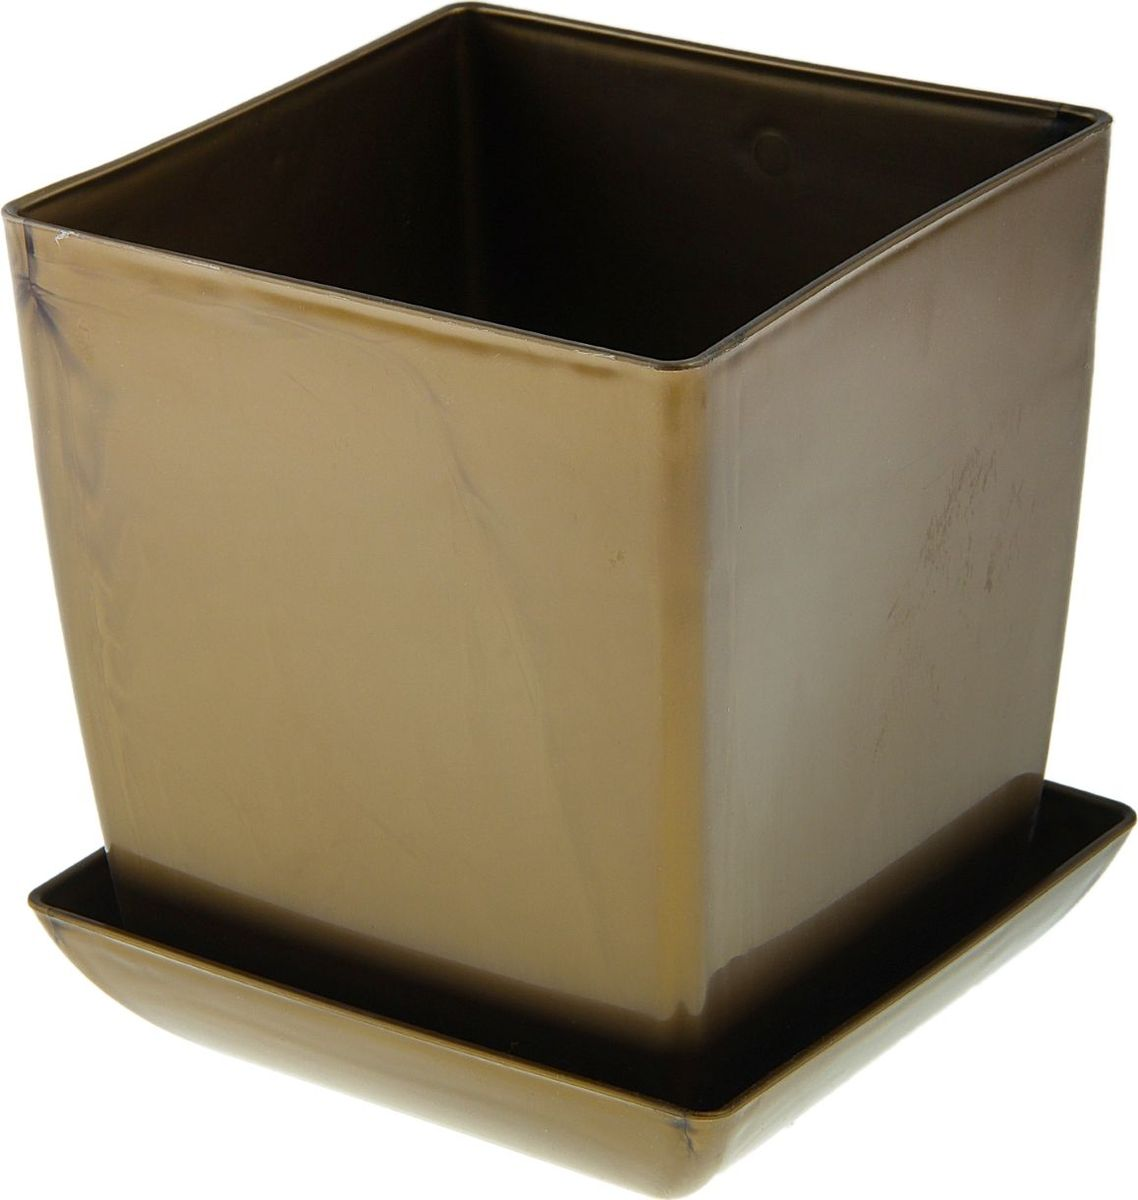 """Любой, даже самый современный и продуманный интерьер будет не завершенным без растений. Они не только очищают воздух и насыщают его кислородом, но и заметно украшают окружающее пространство. Такому полезному члену семьи просто необходимо красивое и функциональное кашпо, оригинальный горшок или необычная ваза! Мы предлагаем - Горшок для цветов с поддоном 16х16 см """"Квадрат"""" 3,5 л, цвет белый перламутр! Оптимальный выбор материала - это пластмасса! Почему мы так считаем? Малый вес. С легкостью переносите горшки и кашпо с места на место, ставьте их на столики или полки, подвешивайте под потолок, не беспокоясь о нагрузке. Простота ухода. Пластиковые изделия не нуждаются в специальных условиях хранения. Их легко чистить достаточно просто сполоснуть теплой водой. Никаких царапин. Пластиковые кашпо не царапают и не загрязняют поверхности, на которых стоят. Пластик дольше хранит влагу, а значит растение реже нуждается в поливе. Пластмасса не пропускает воздух корневой системе растения не грозят резкие перепады температур. Огромный выбор форм, декора и расцветок вы без труда подберете что-то, что идеально впишется в уже существующий интерьер. Соблюдая нехитрые правила ухода, вы можете заметно продлить срок службы горшков, вазонов и кашпо из пластика: всегда учитывайте размер кроны и корневой системы растения (при разрастании большое растение способно повредить маленький горшок) берегите изделие от воздействия прямых солнечных лучей, чтобы кашпо и горшки не выцветали держите кашпо и горшки из пластика подальше от нагревающихся поверхностей. Создавайте прекрасные цветочные композиции, выращивайте рассаду или необычные растения, а низкие цены позволят вам не ограничивать себя в выборе."""